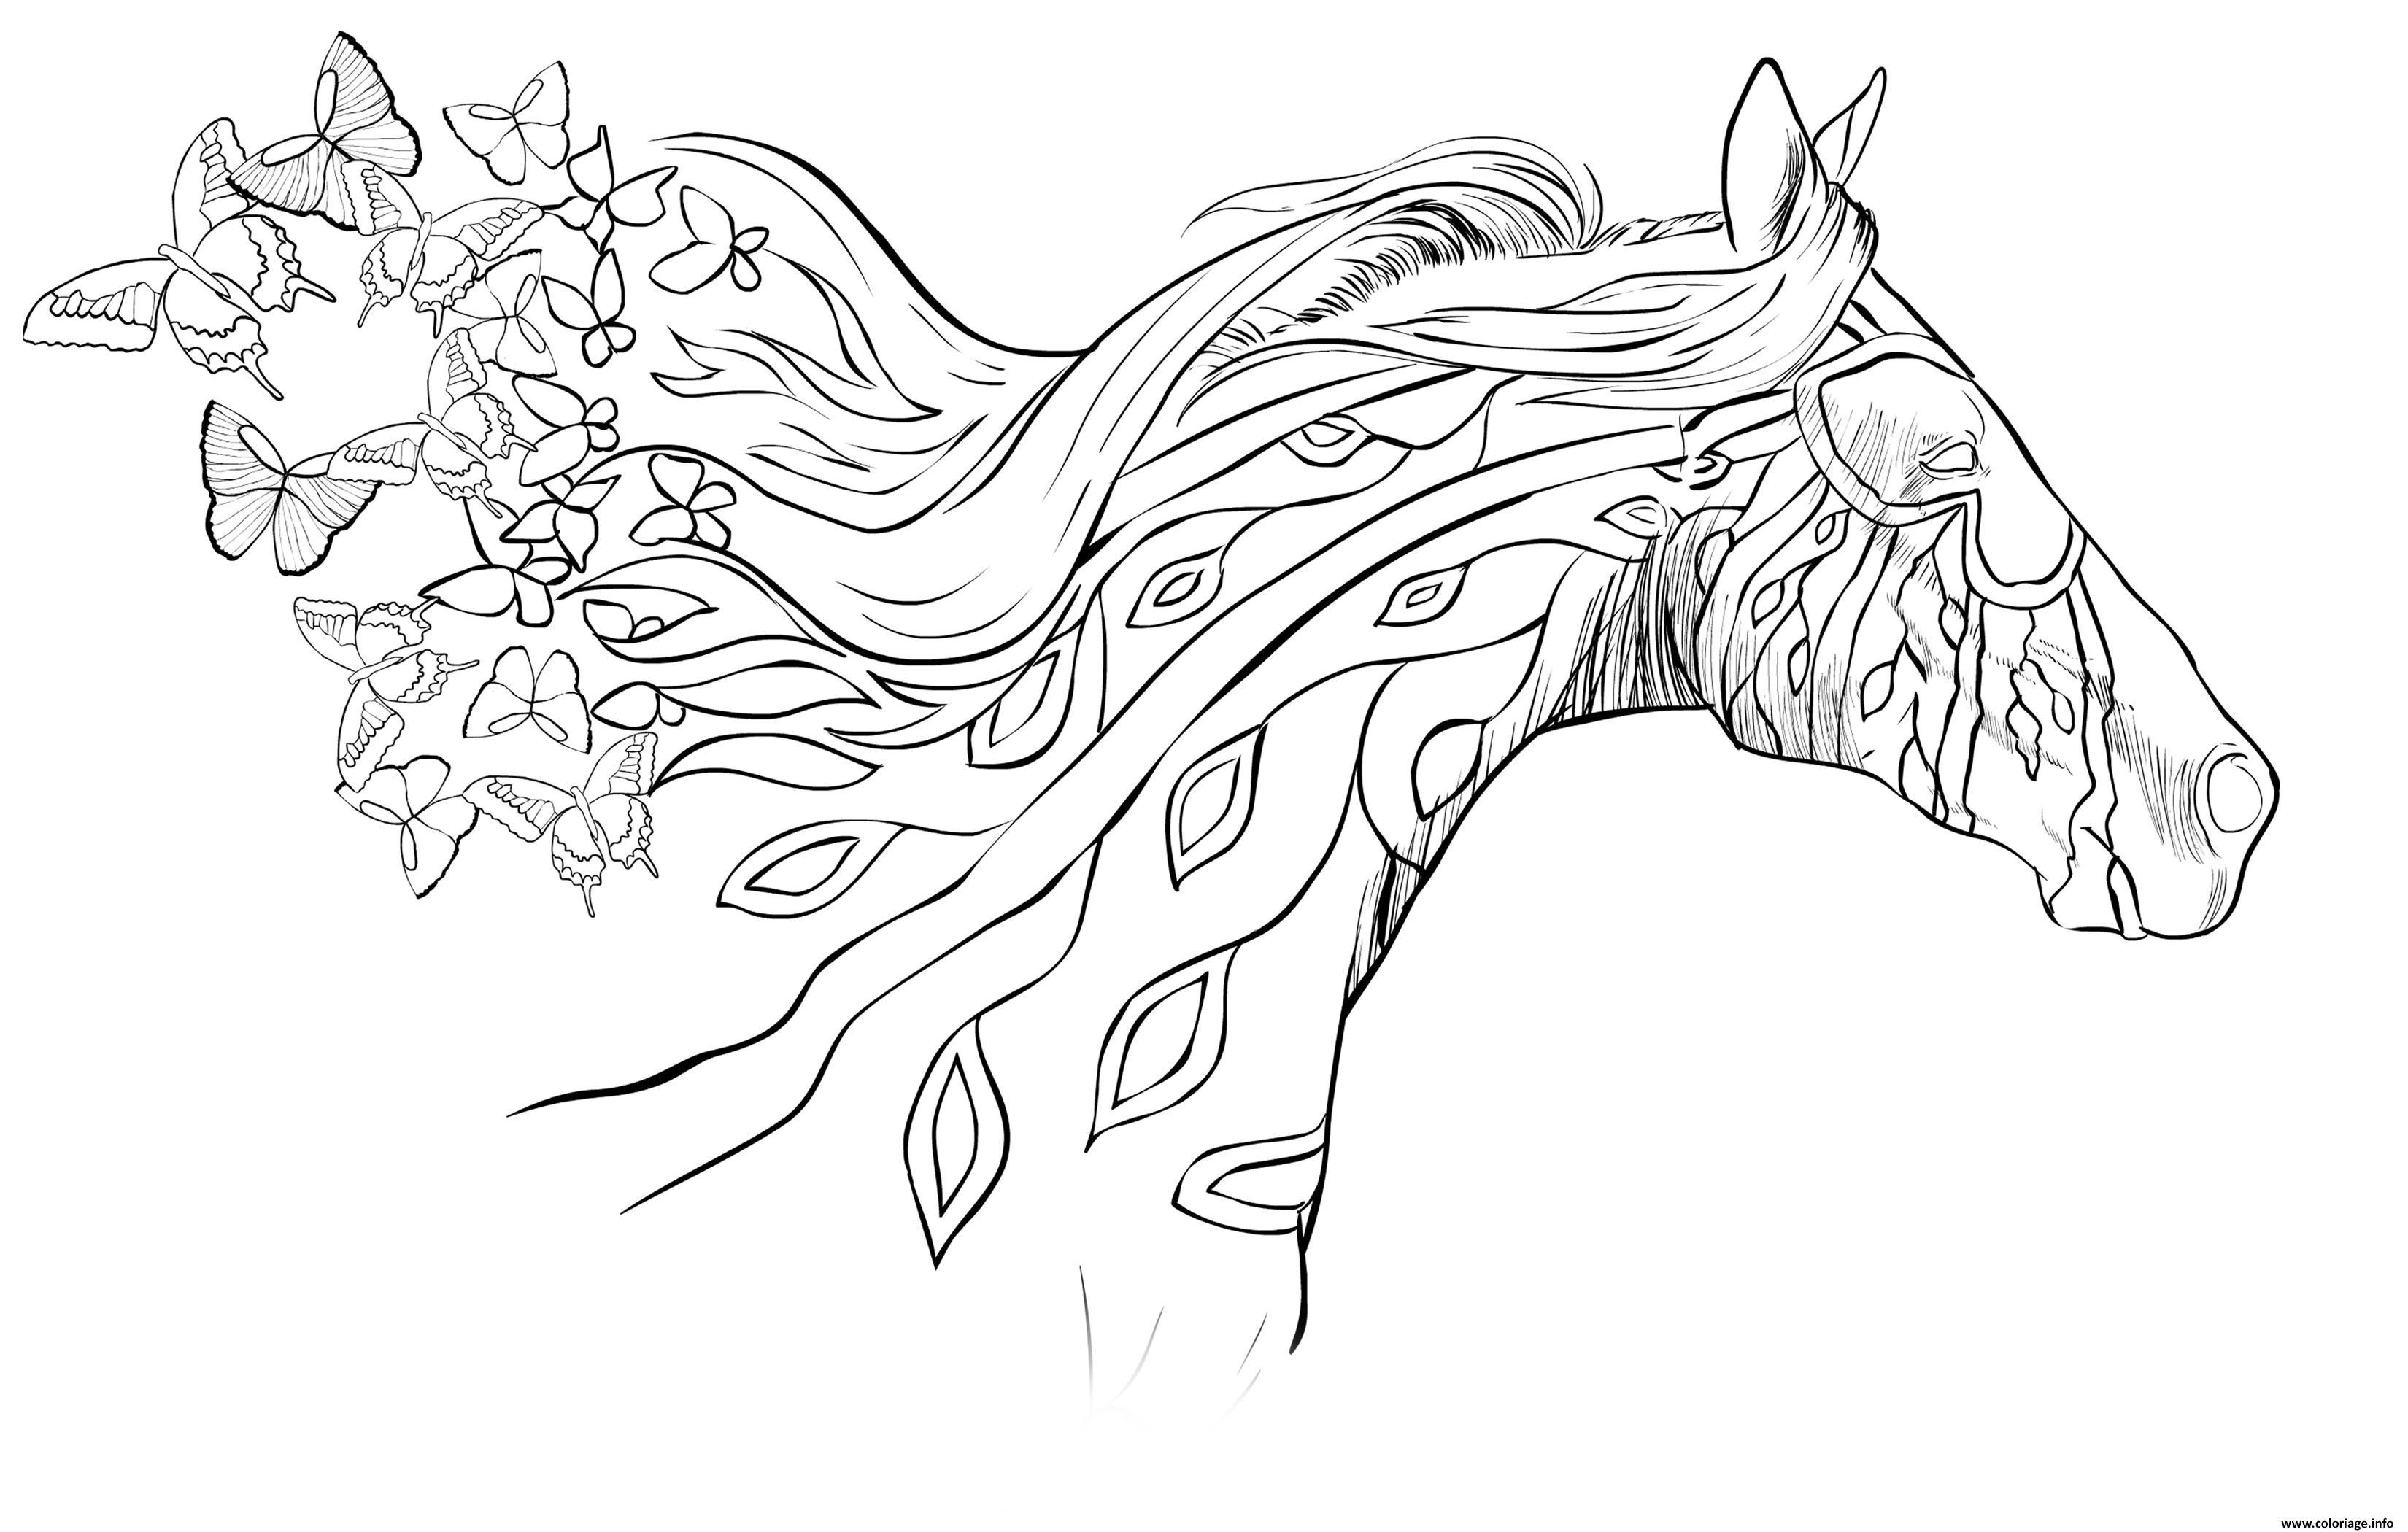 Coloriage Adulte Cheval.Coloriage Adulte Cheval Au Galot Avec Papillons Dans Les Airs